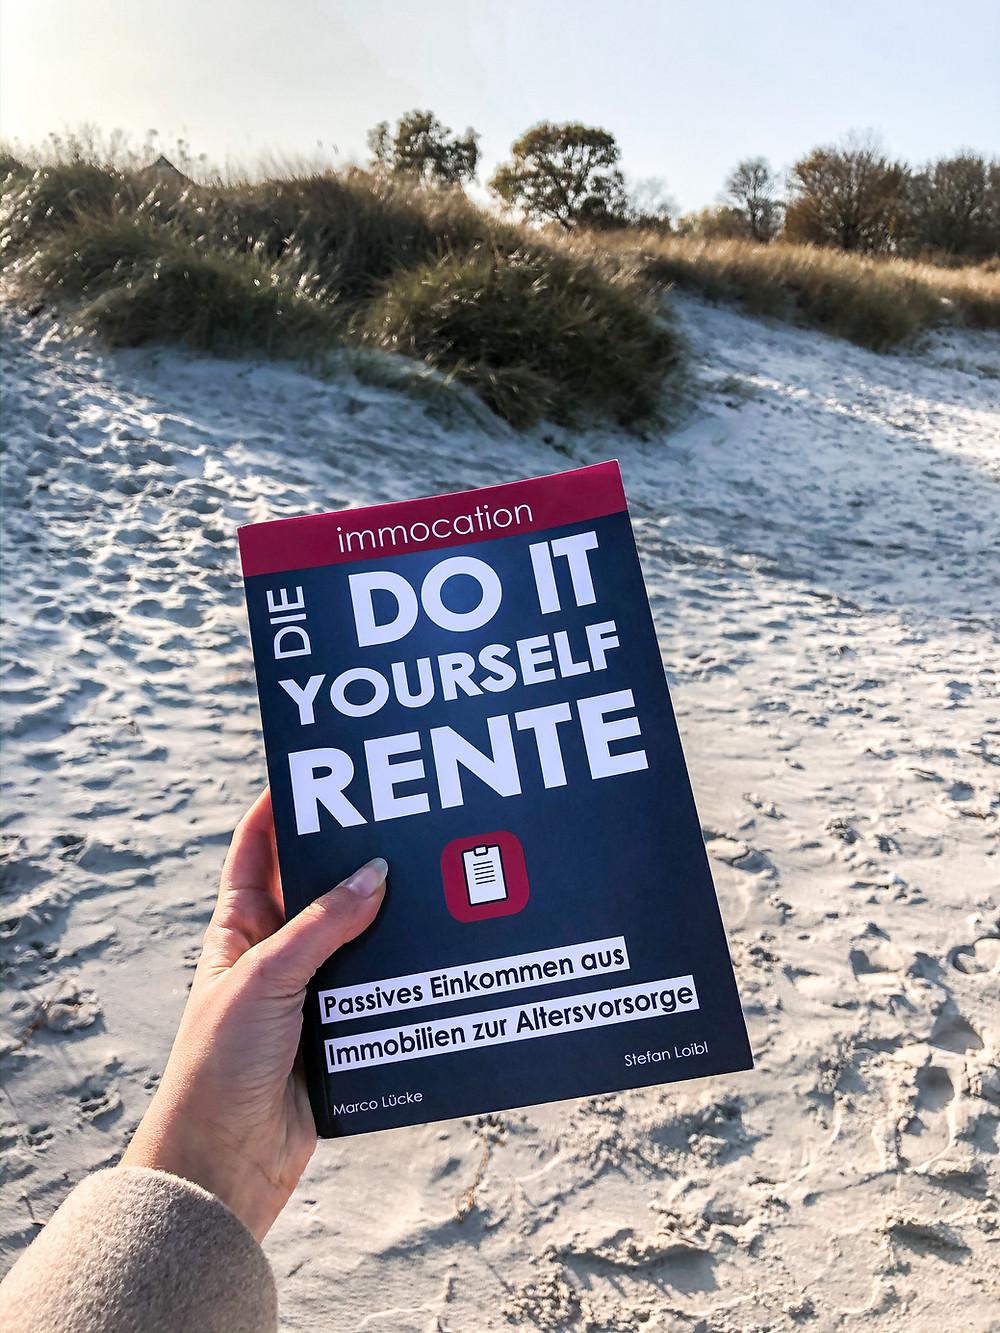 Die Do It Yourself Rente erklärt, wie jeder es schaffen kann, sein Geld in Immobilien zu investieren und was es braucht, um Immobilien richtig zu bewerten.